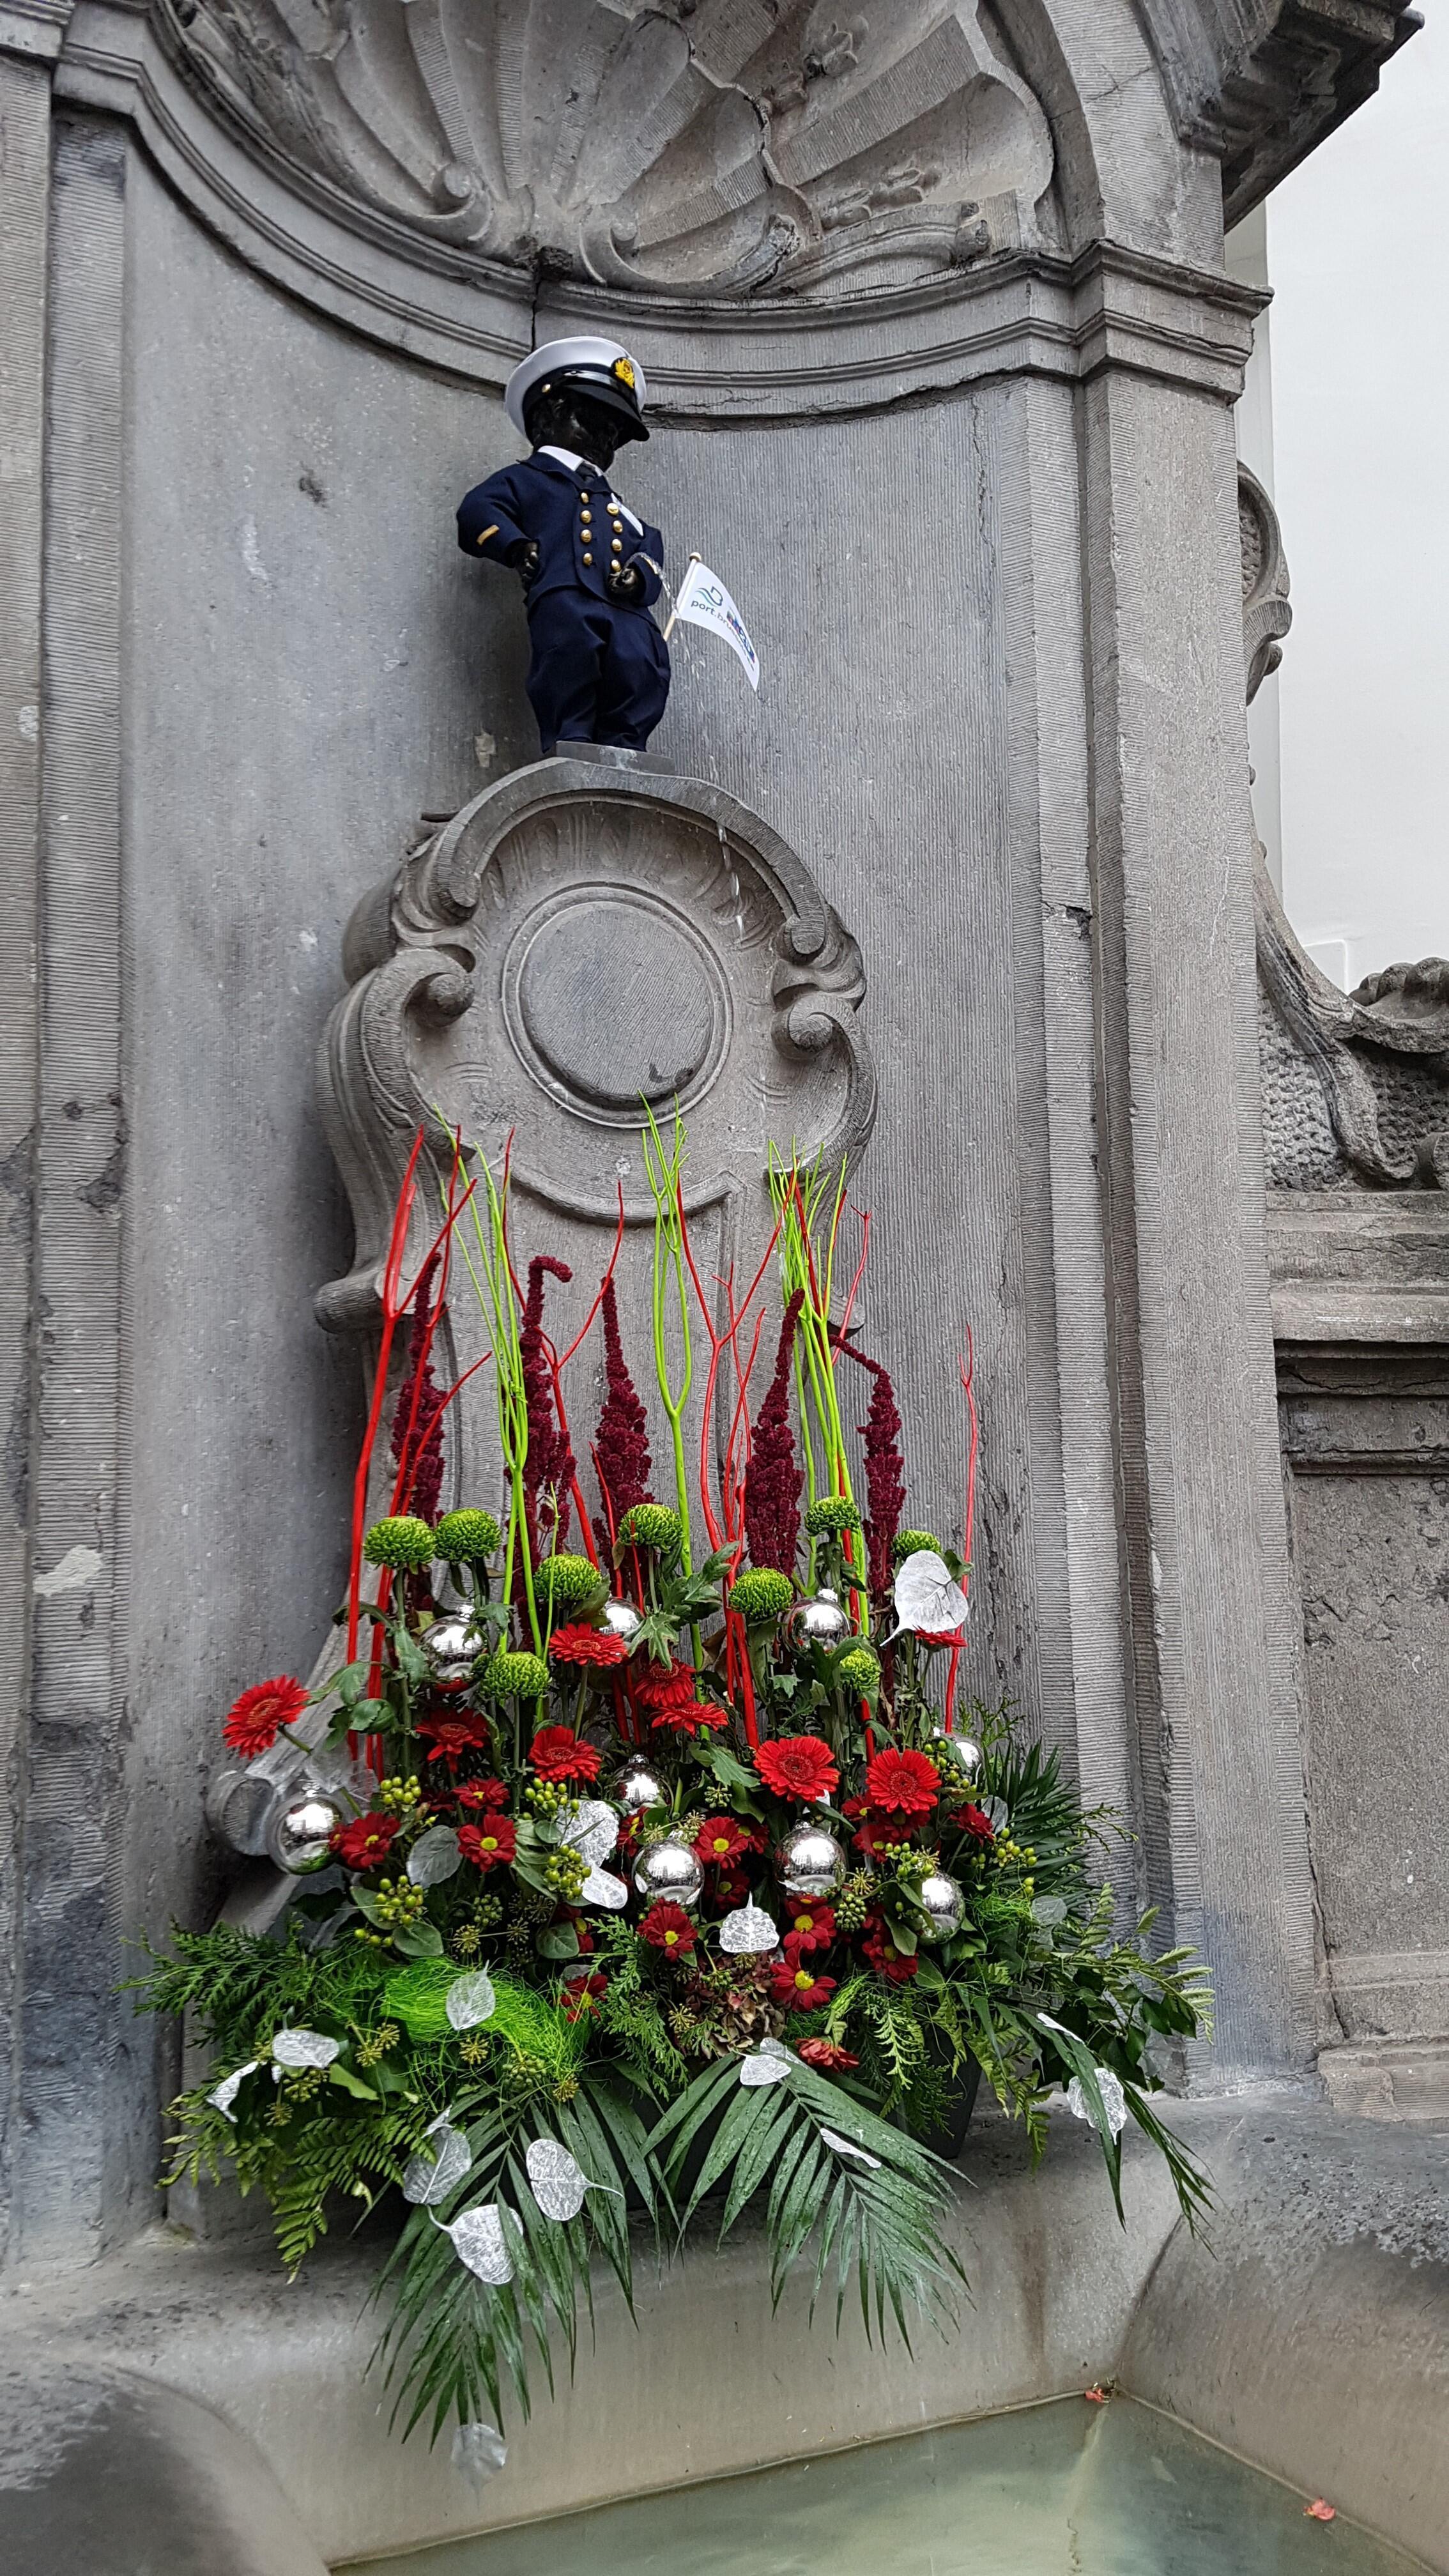 Bức tượng Manneken - Pis nổi tiếng ở Bruxelles, Bỉ.